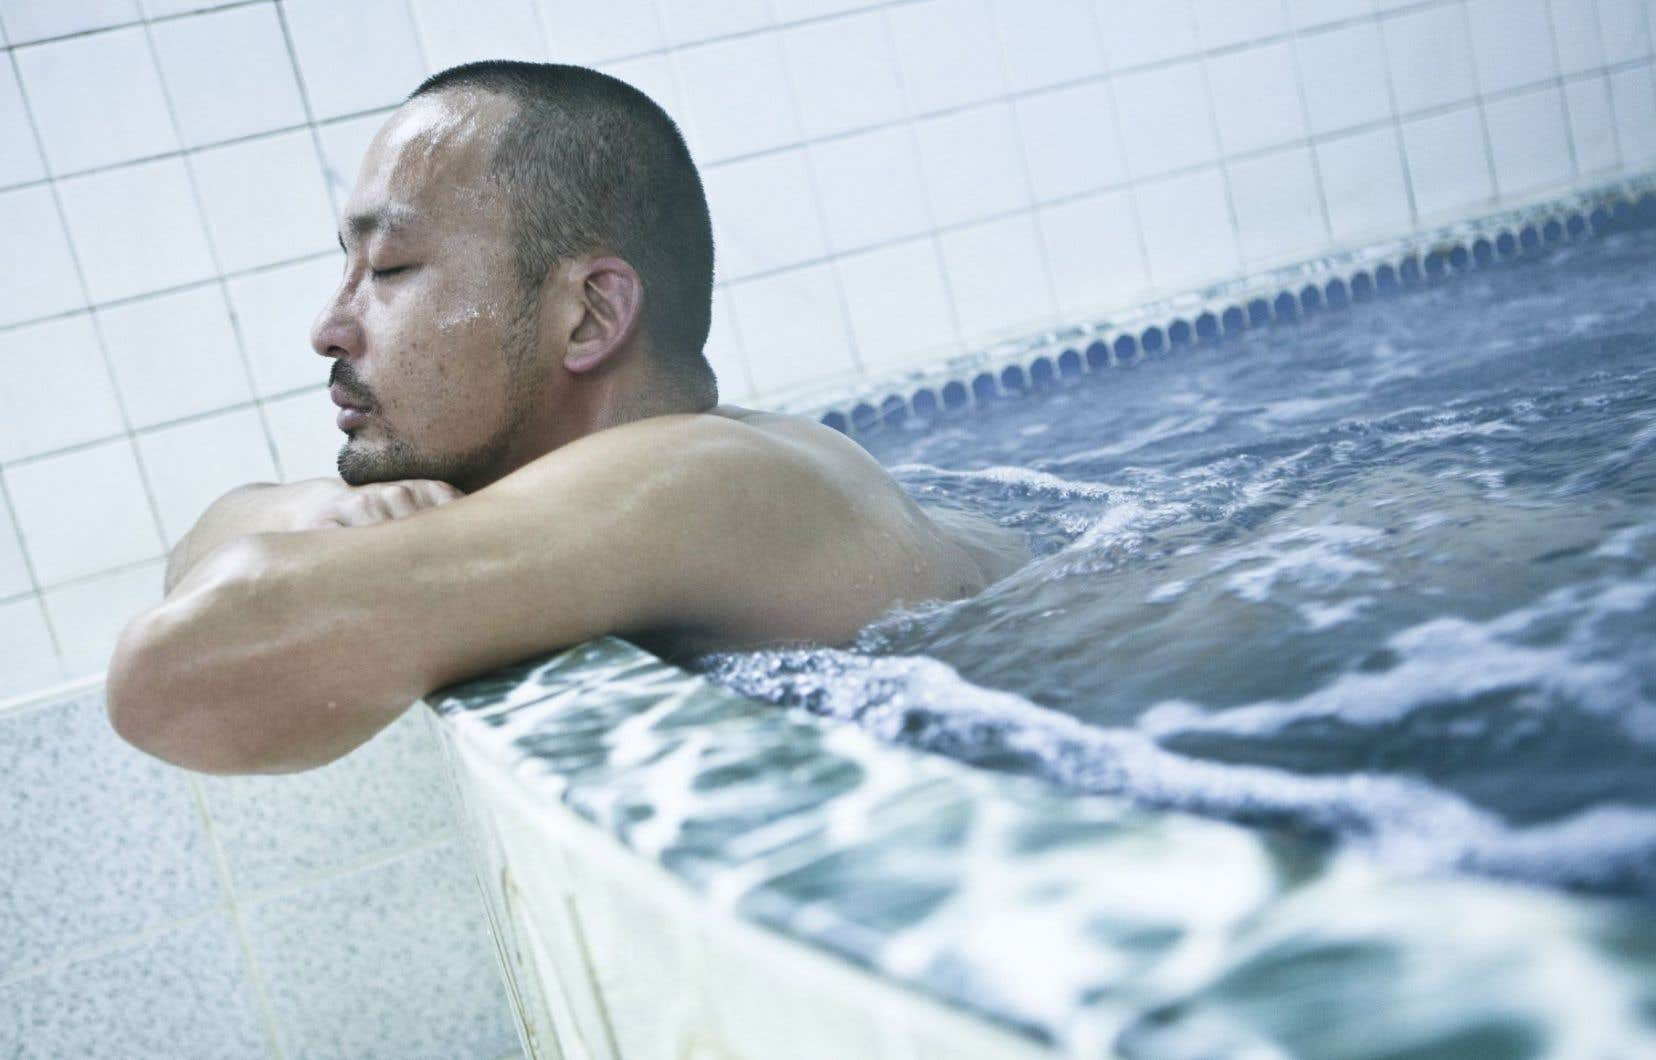 Le rapport de l'INSPQ indique qu'en 2013-2014, 144 personnes ont été affectées par une maladie contractée au contact ou lors d'ingestion d'eau ou de l'inhalation de vapeur d'eau.